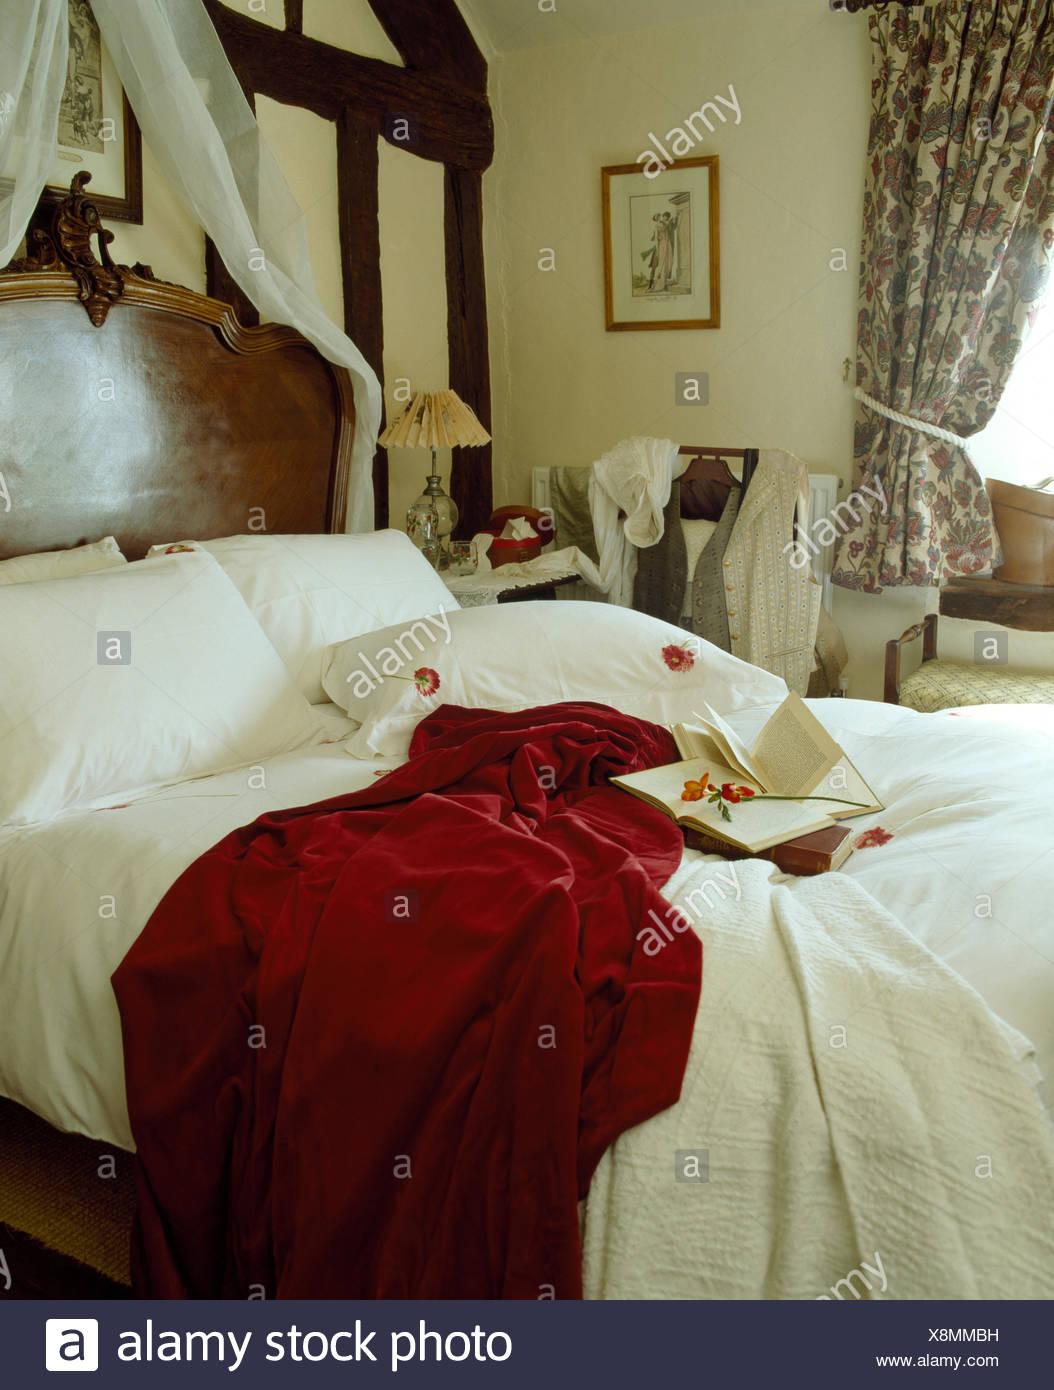 In velluto rosso di gettare e biancheria da letto bianca sul letto ...